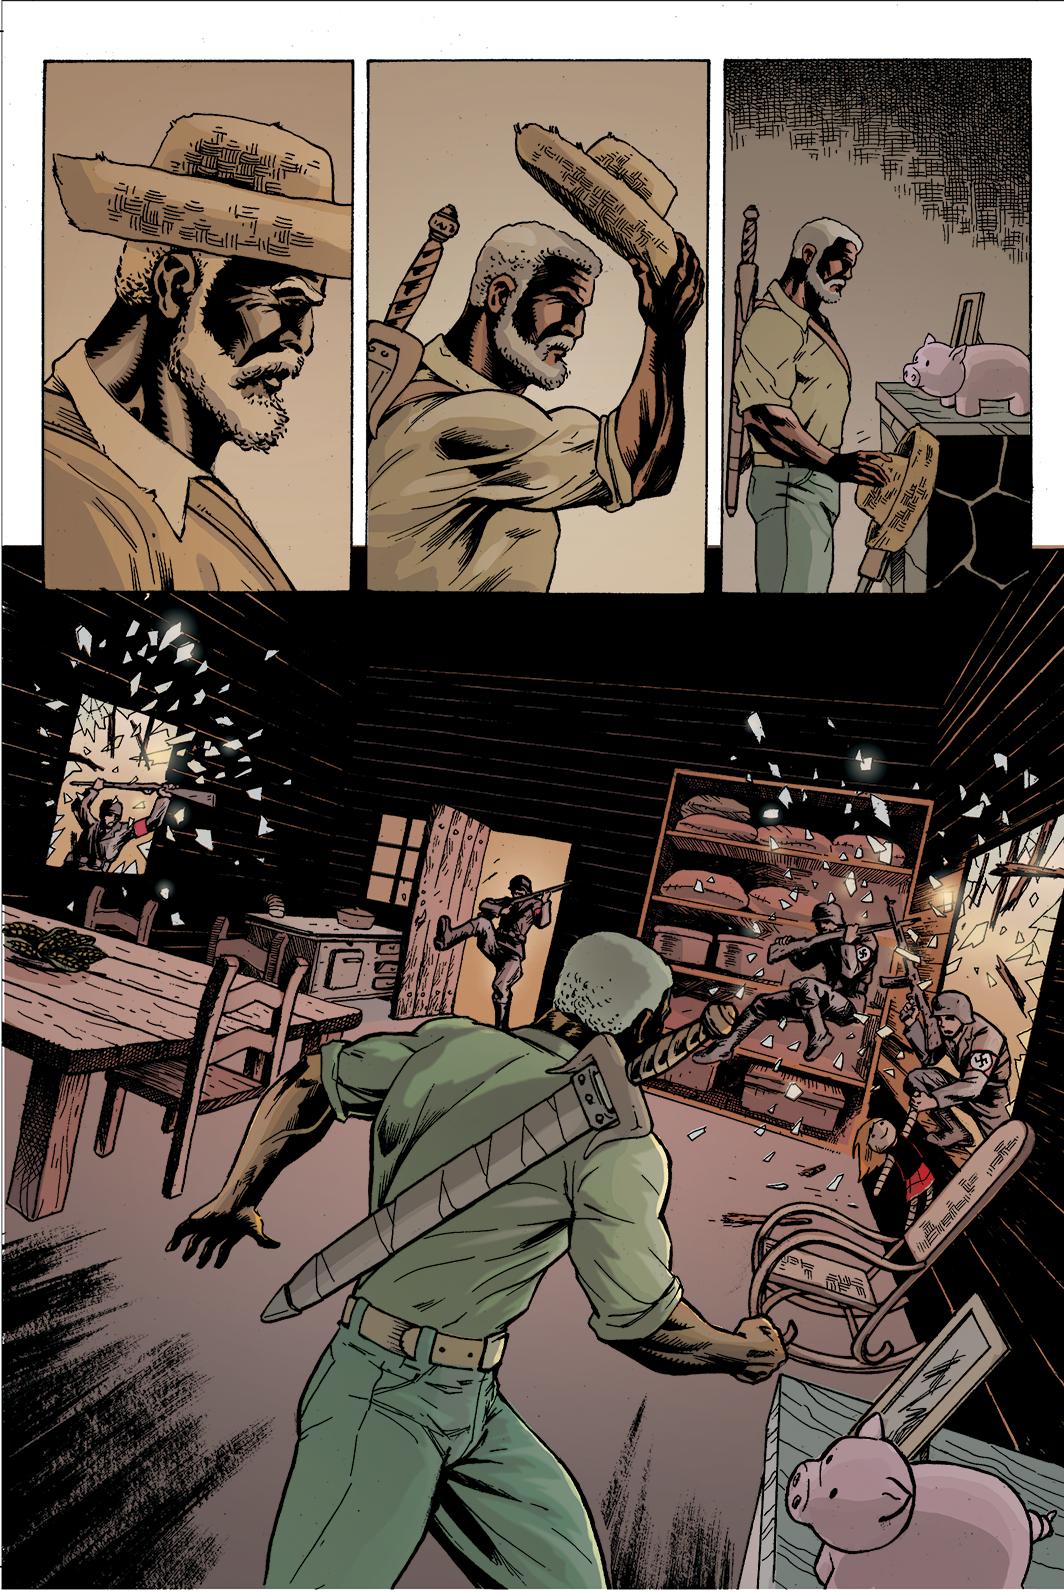 """Página 4 de """"Liberdade Para o Futuro"""", da antologia RANCHO DO CORVO DOURADO, de 2019. Colorização."""